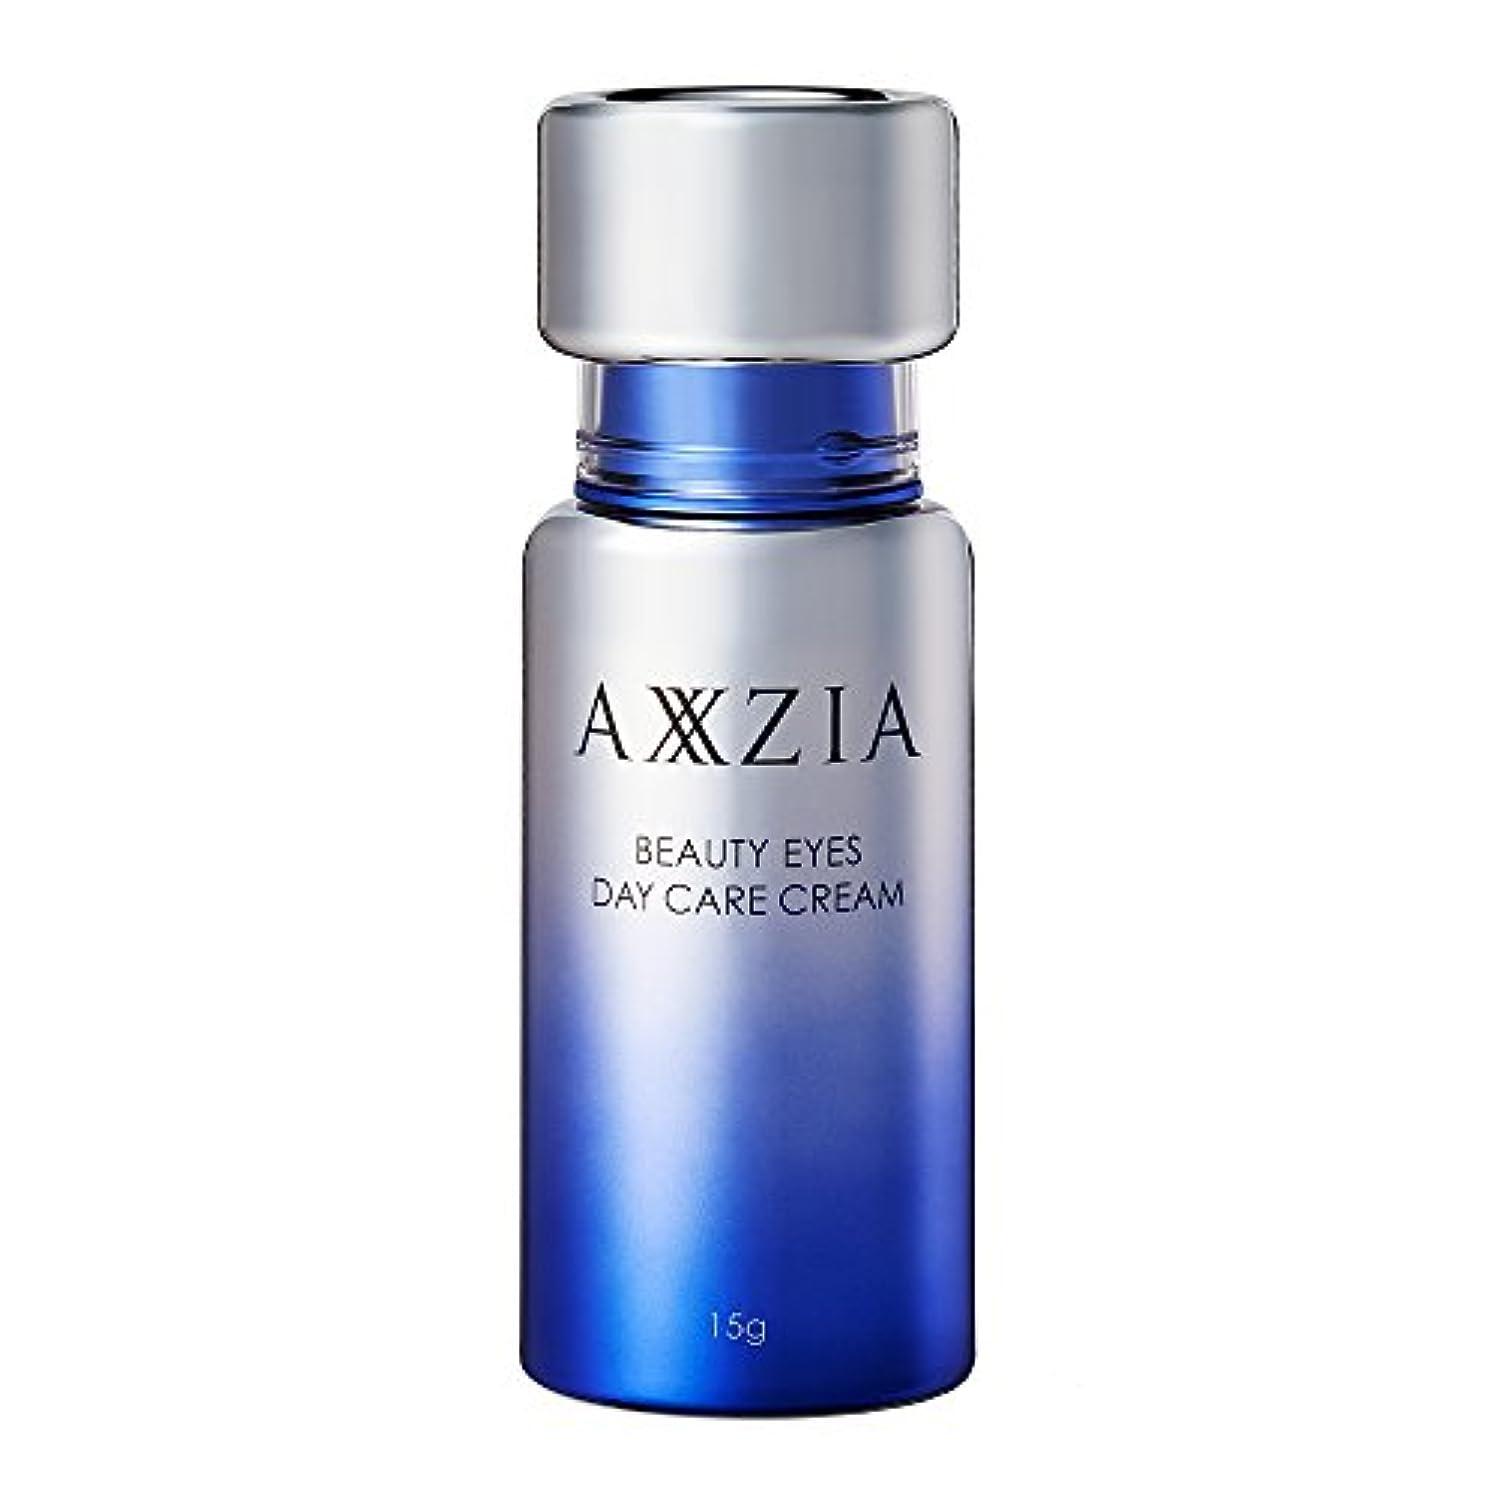 高く飲み込む神経衰弱アクシージア (AXXZIA) ビューティアイズ デイ ケア クリーム 15g   アイクリーム 目の下のたるみ 化粧品 解消 目元のたるみ